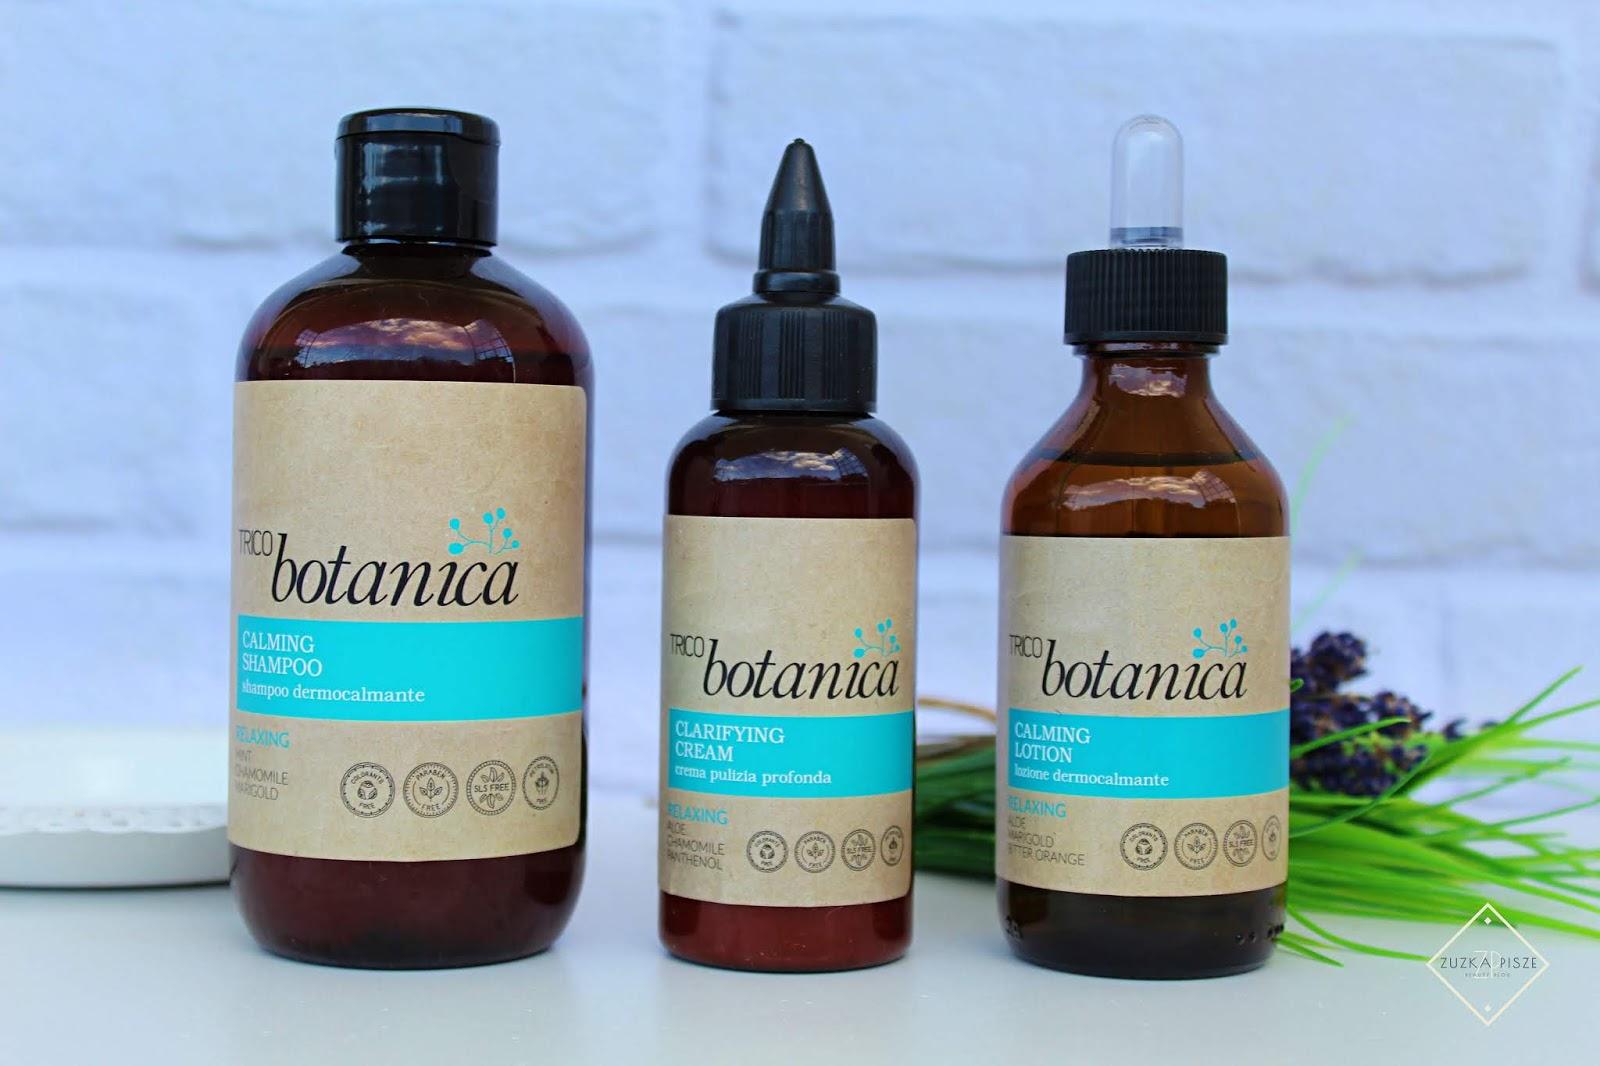 Tricobotanica - Oczyszczanie i relaks - włoskie kosmetyki do pielęgnacji włosów